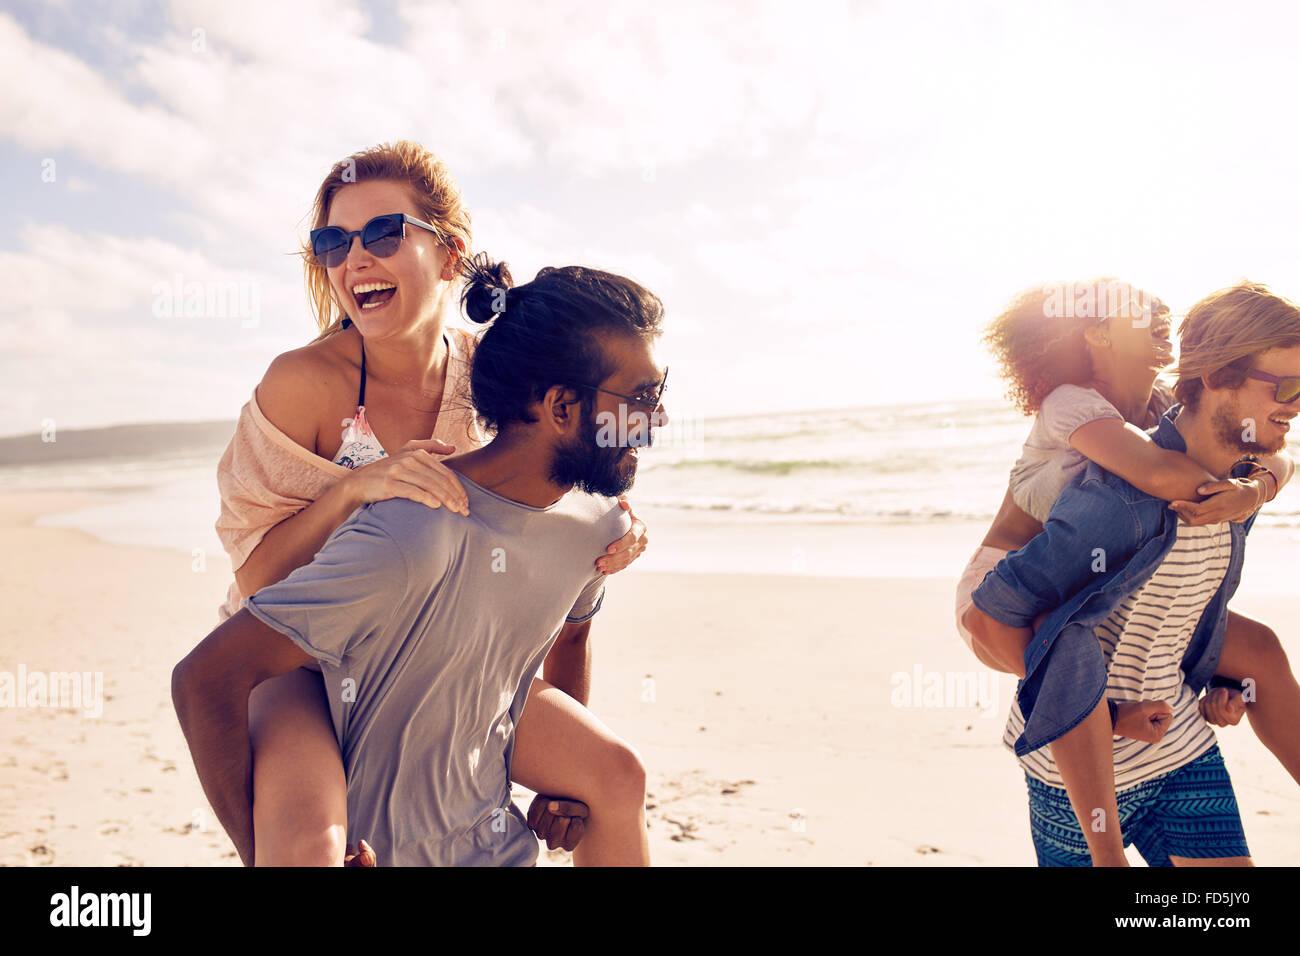 Los hombres jóvenes felices dando piggyback ride a la mujer en la playa. Diverso grupo de jóvenes divirtiéndose Foto de stock